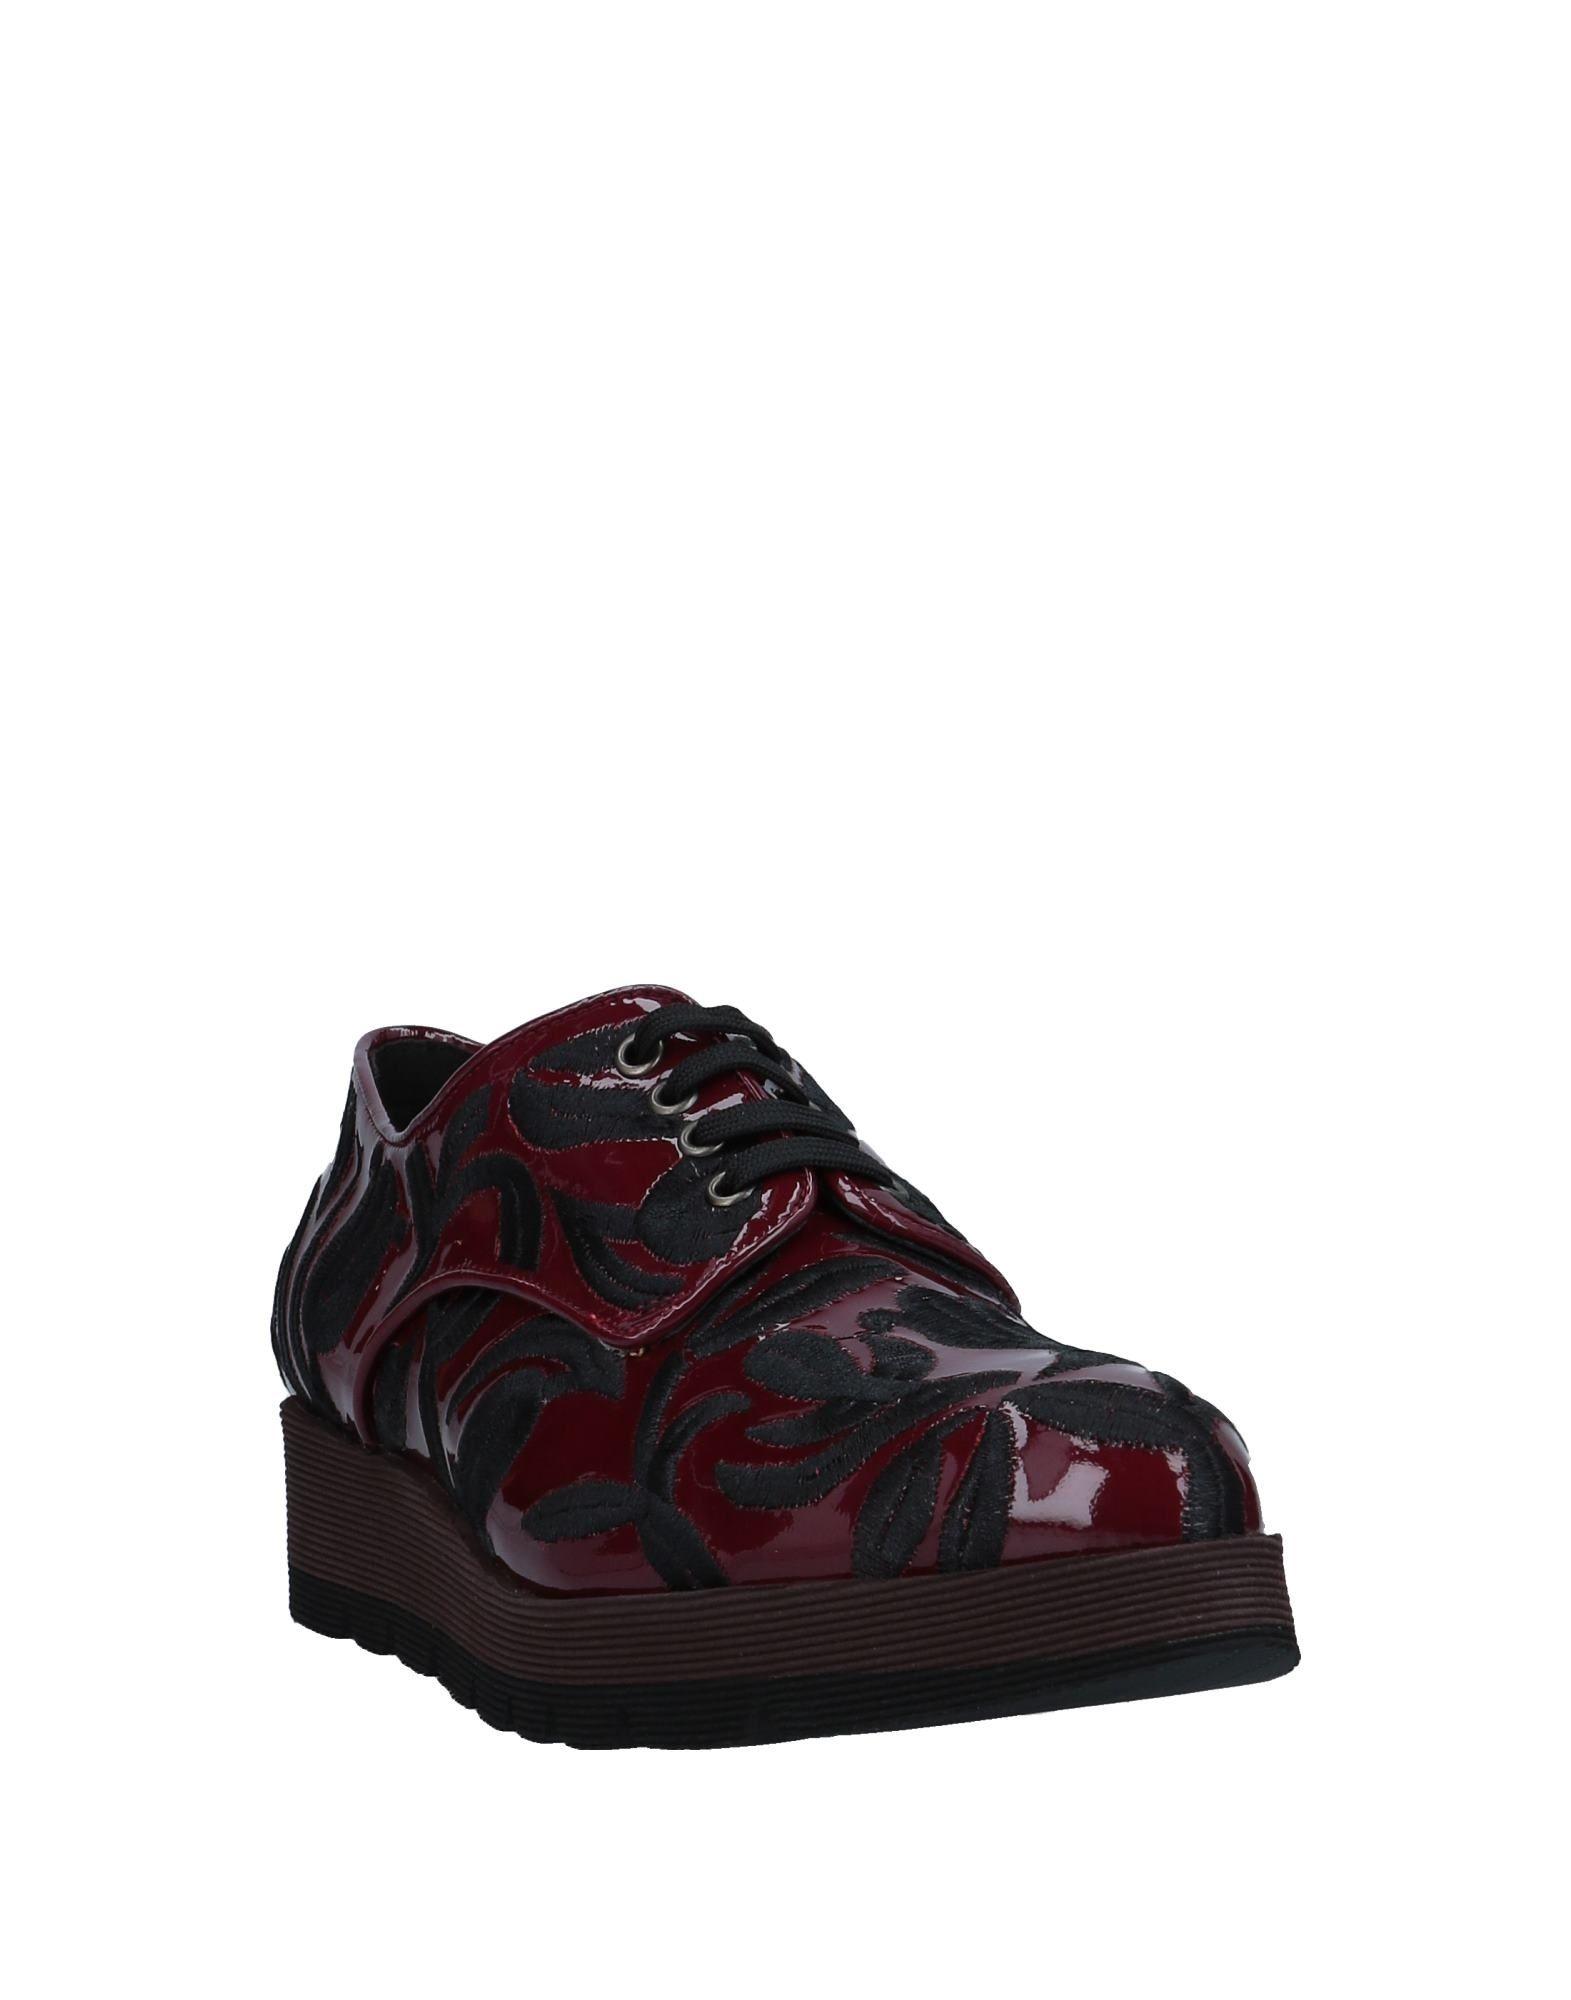 Stilvolle Schnürschuhe billige Schuhe Pons Quintana Schnürschuhe Stilvolle Damen  11556333EV ad99f0